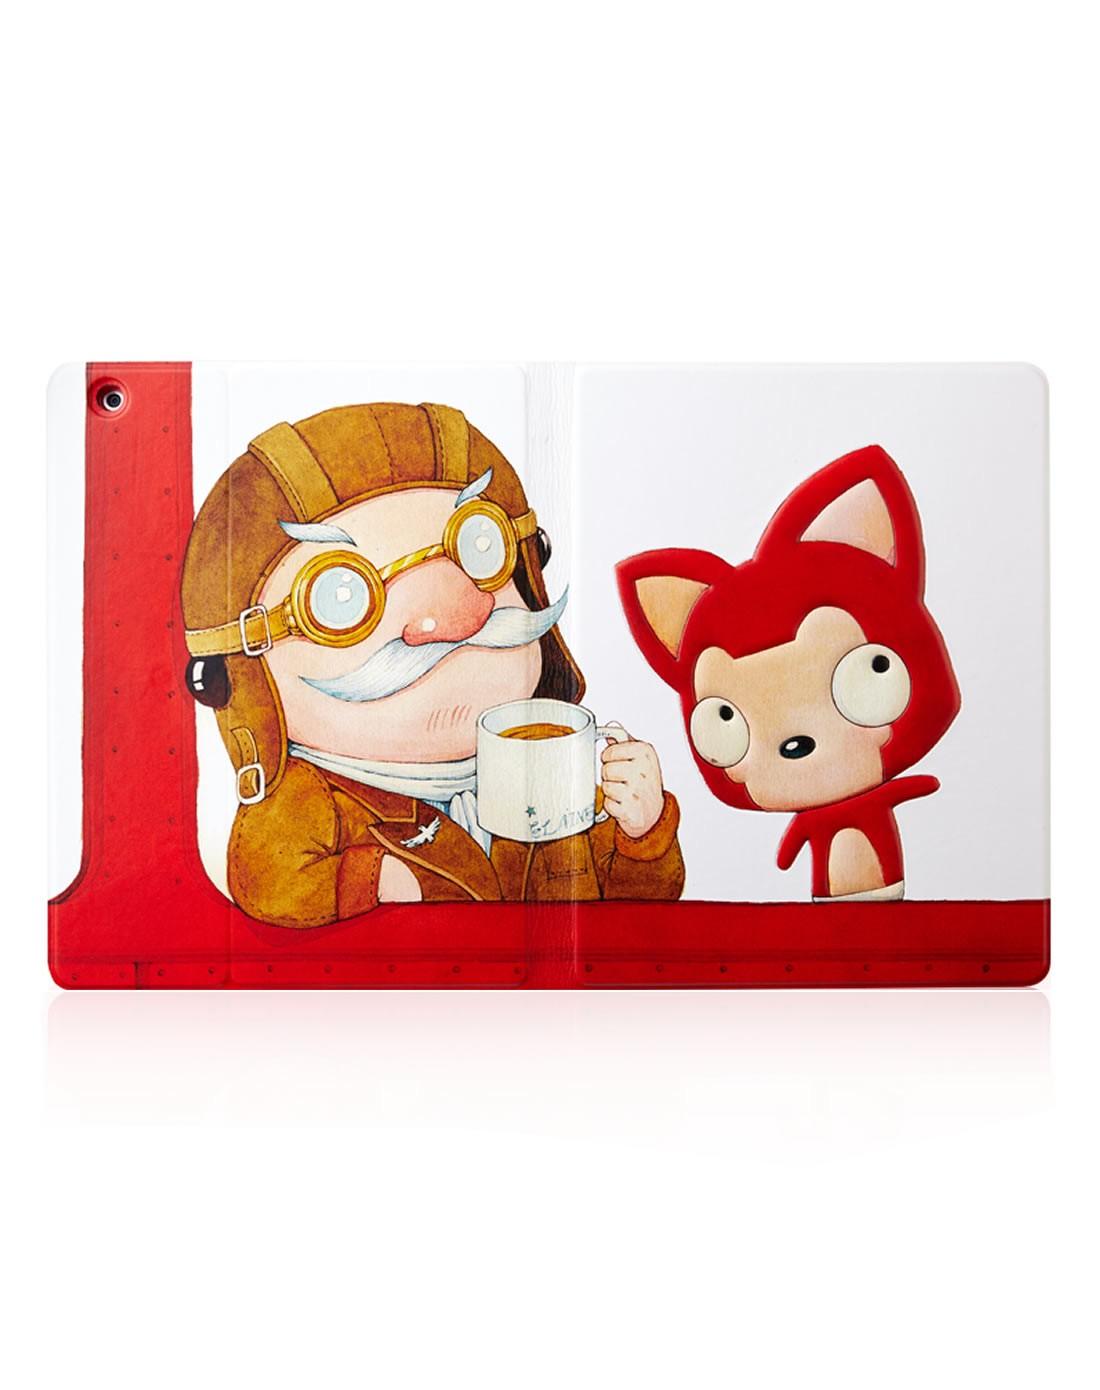 > 苹果 ipad 4/3/2 阿狸系列保护套